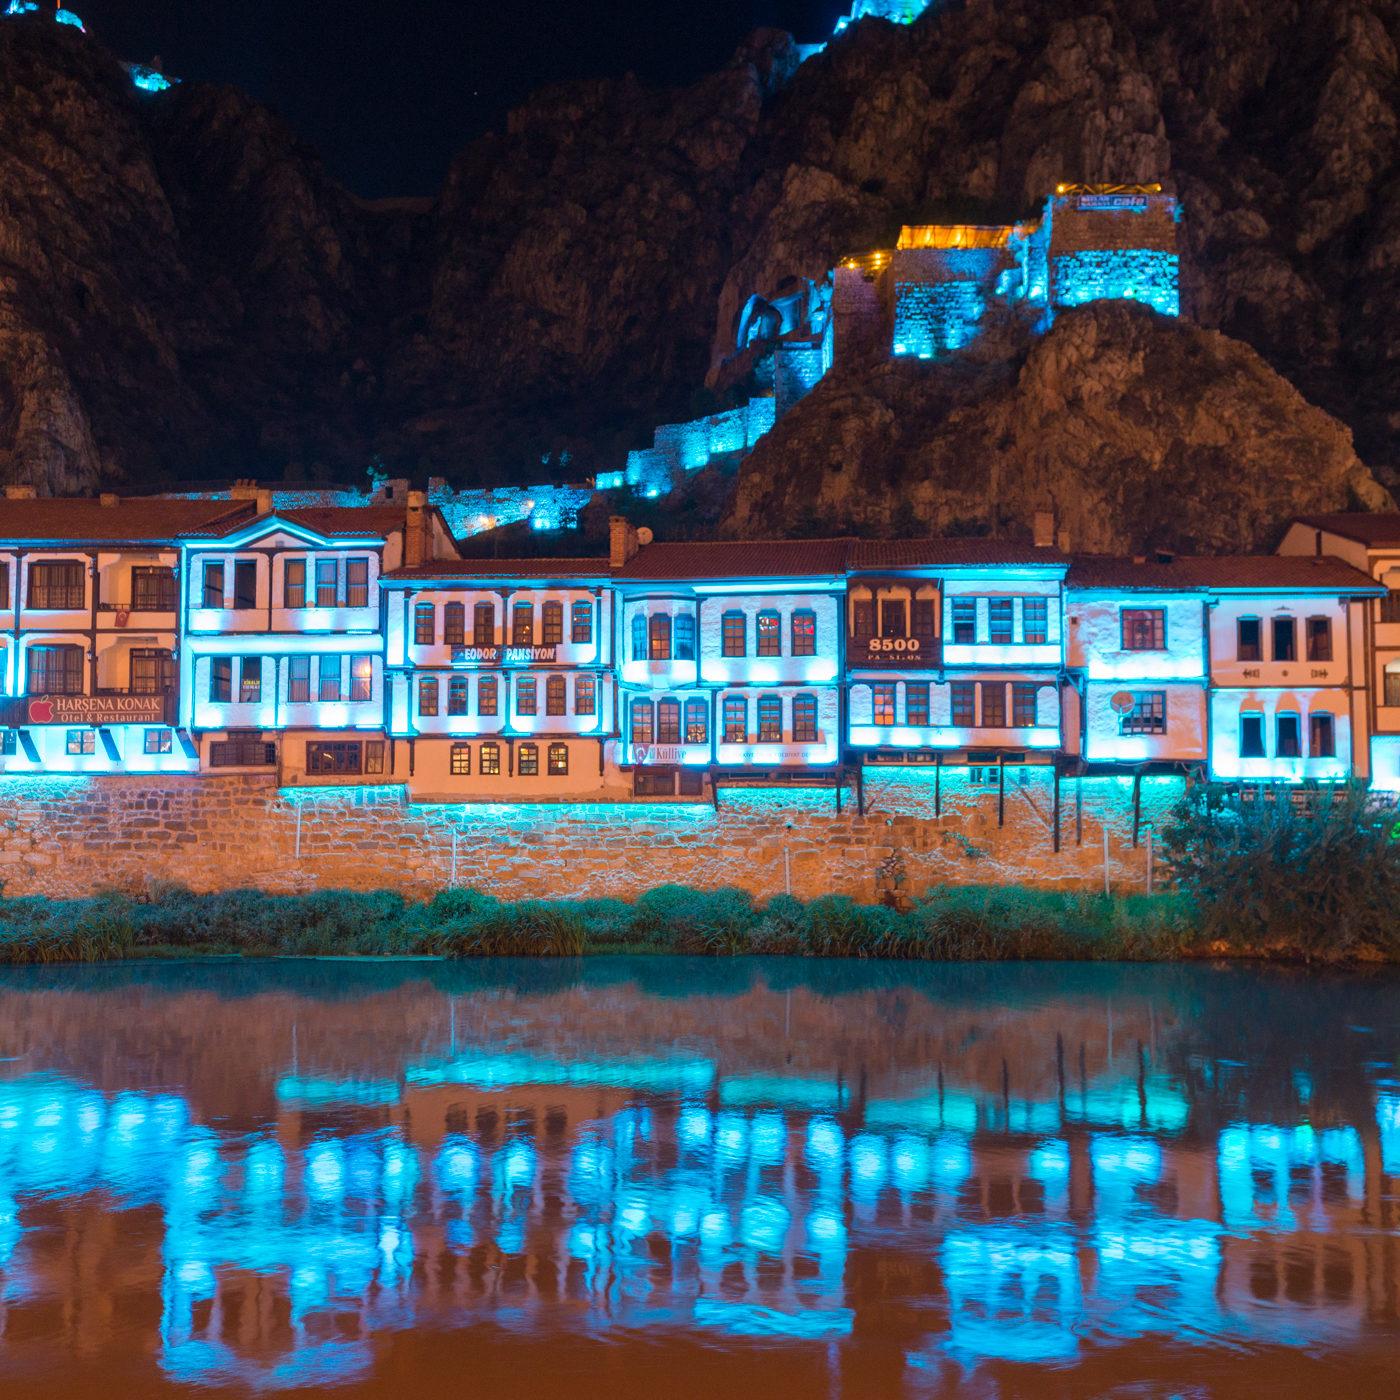 AMASYA / アマスヤの町は切り立った崖に挟まれ、町の中央を小さな川が流れる。日暮れになると旧市街は電飾され、日中と異なる姿を見せる。水色のイルミネーション。